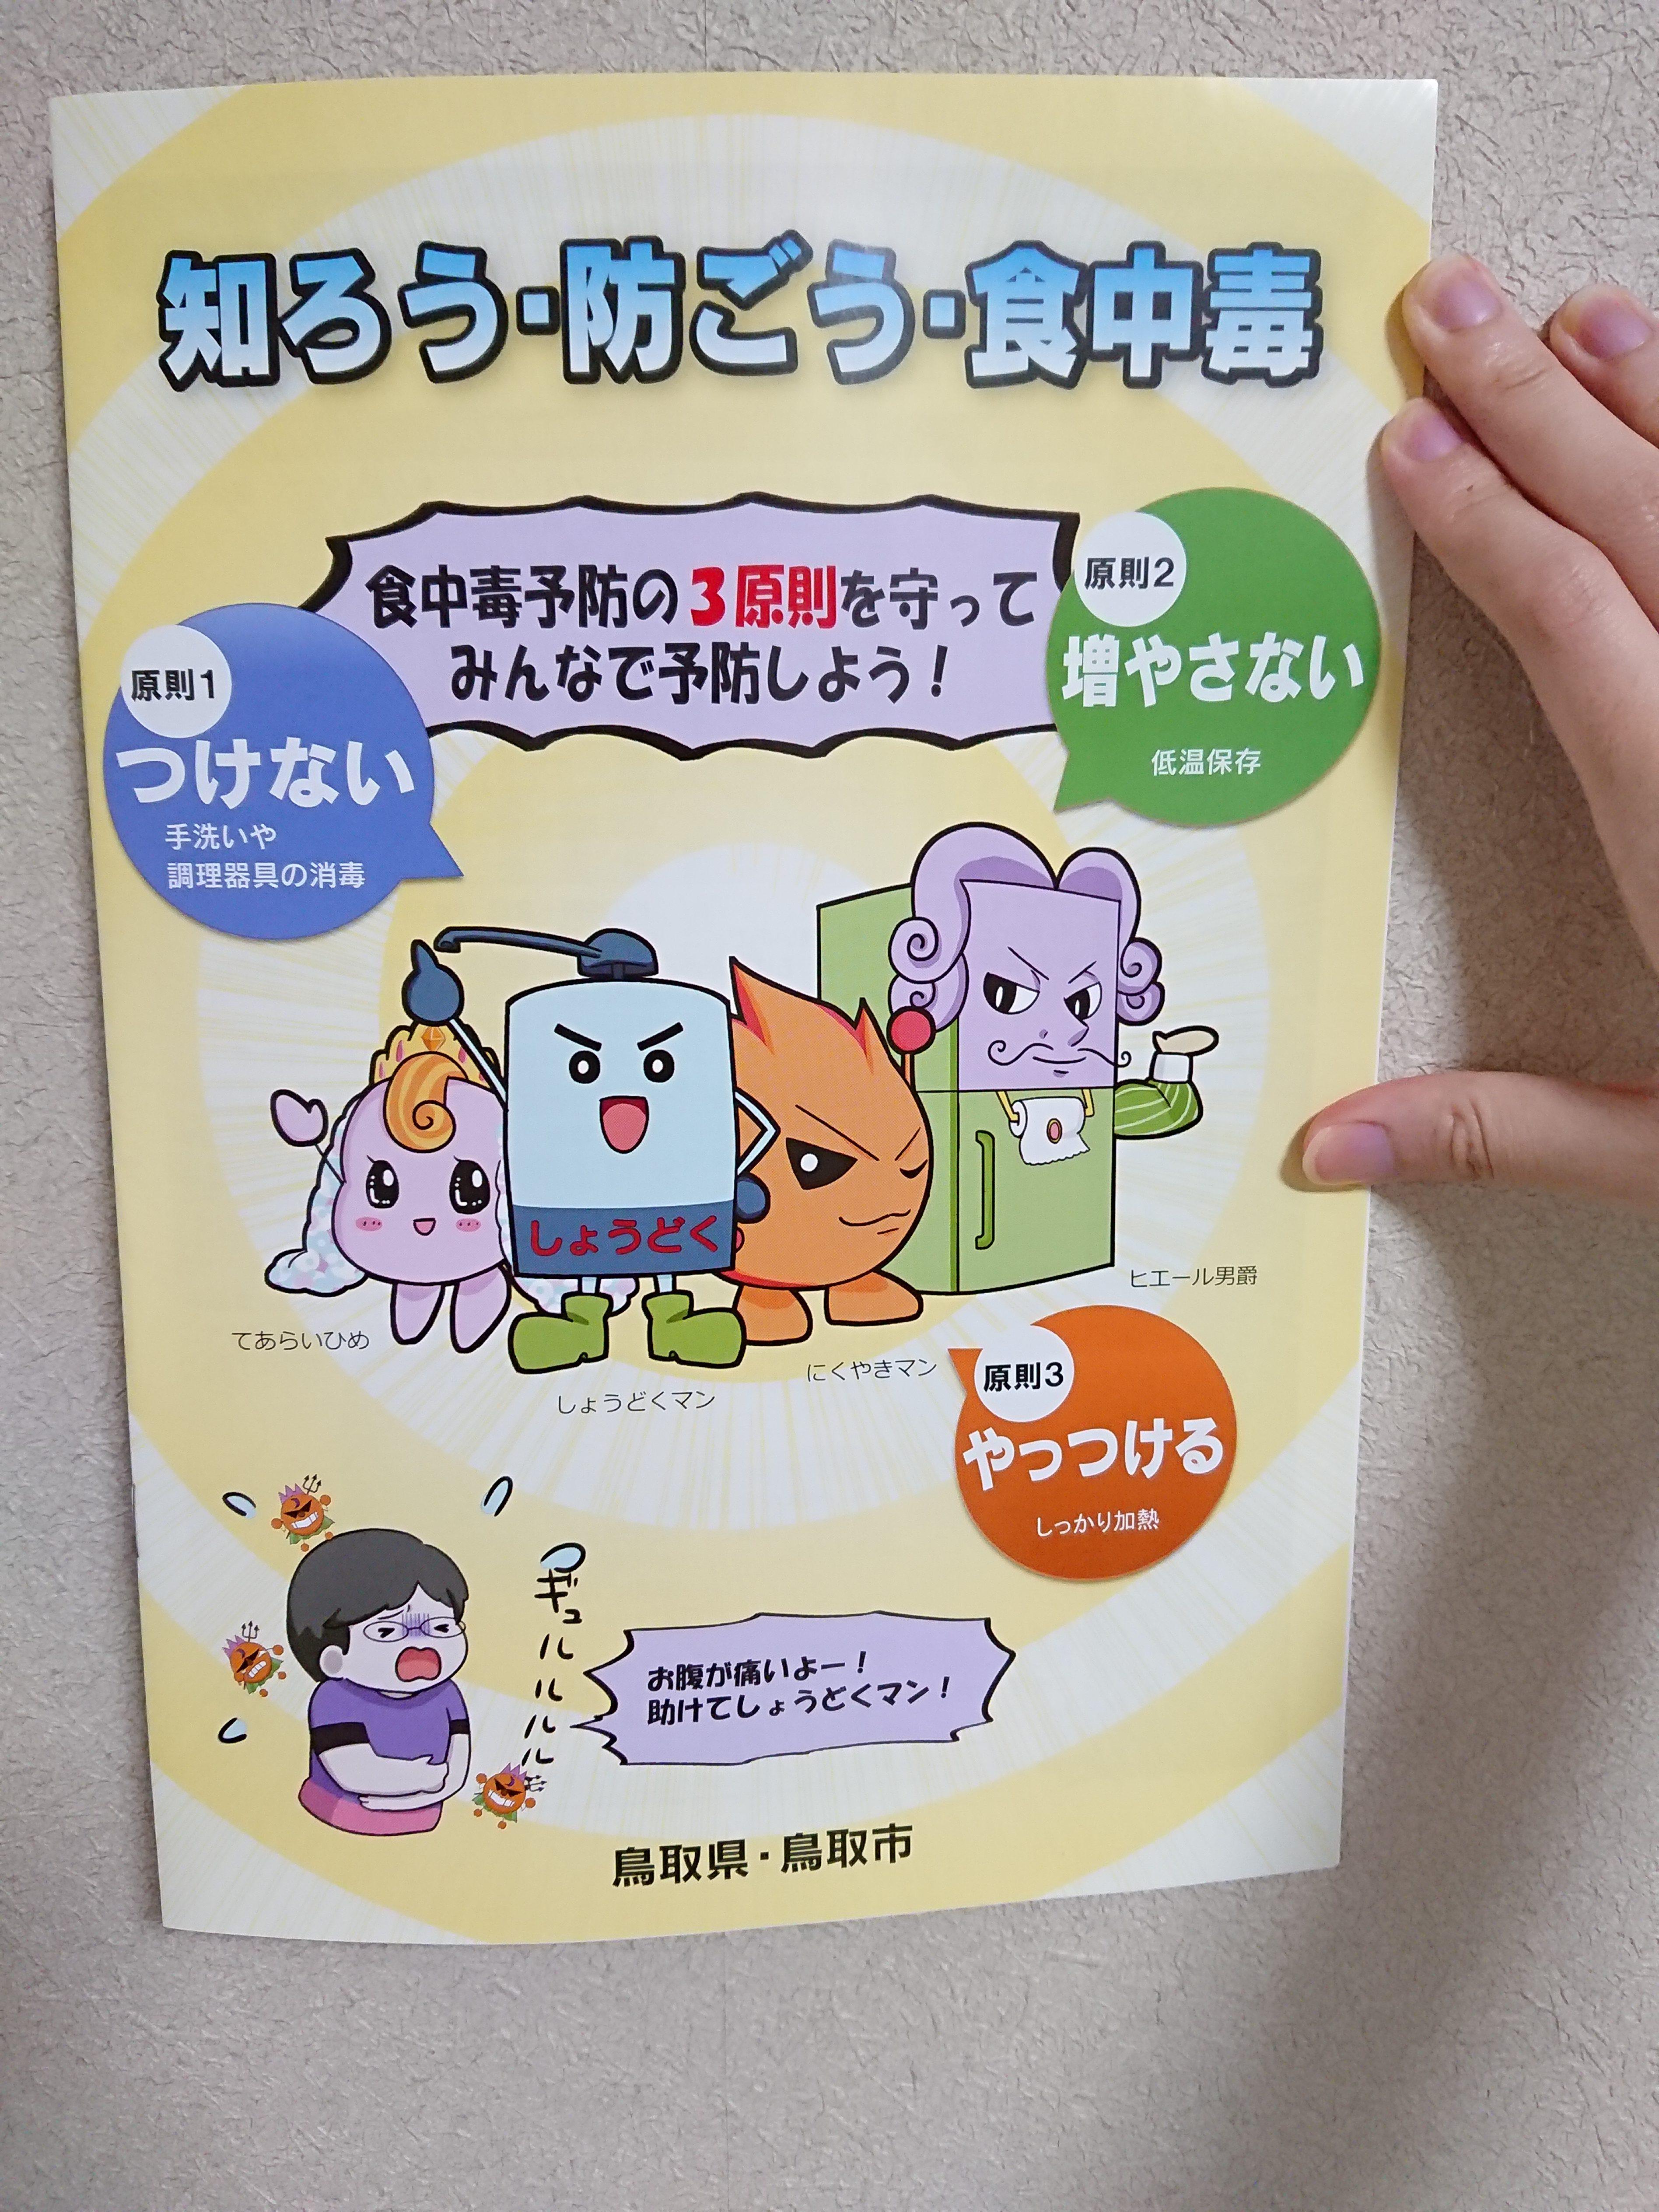 鳥取県庁の「知ろう・防ごう・食中毒!」冊子が完成!!Webもりはイラスト協力で参加しました